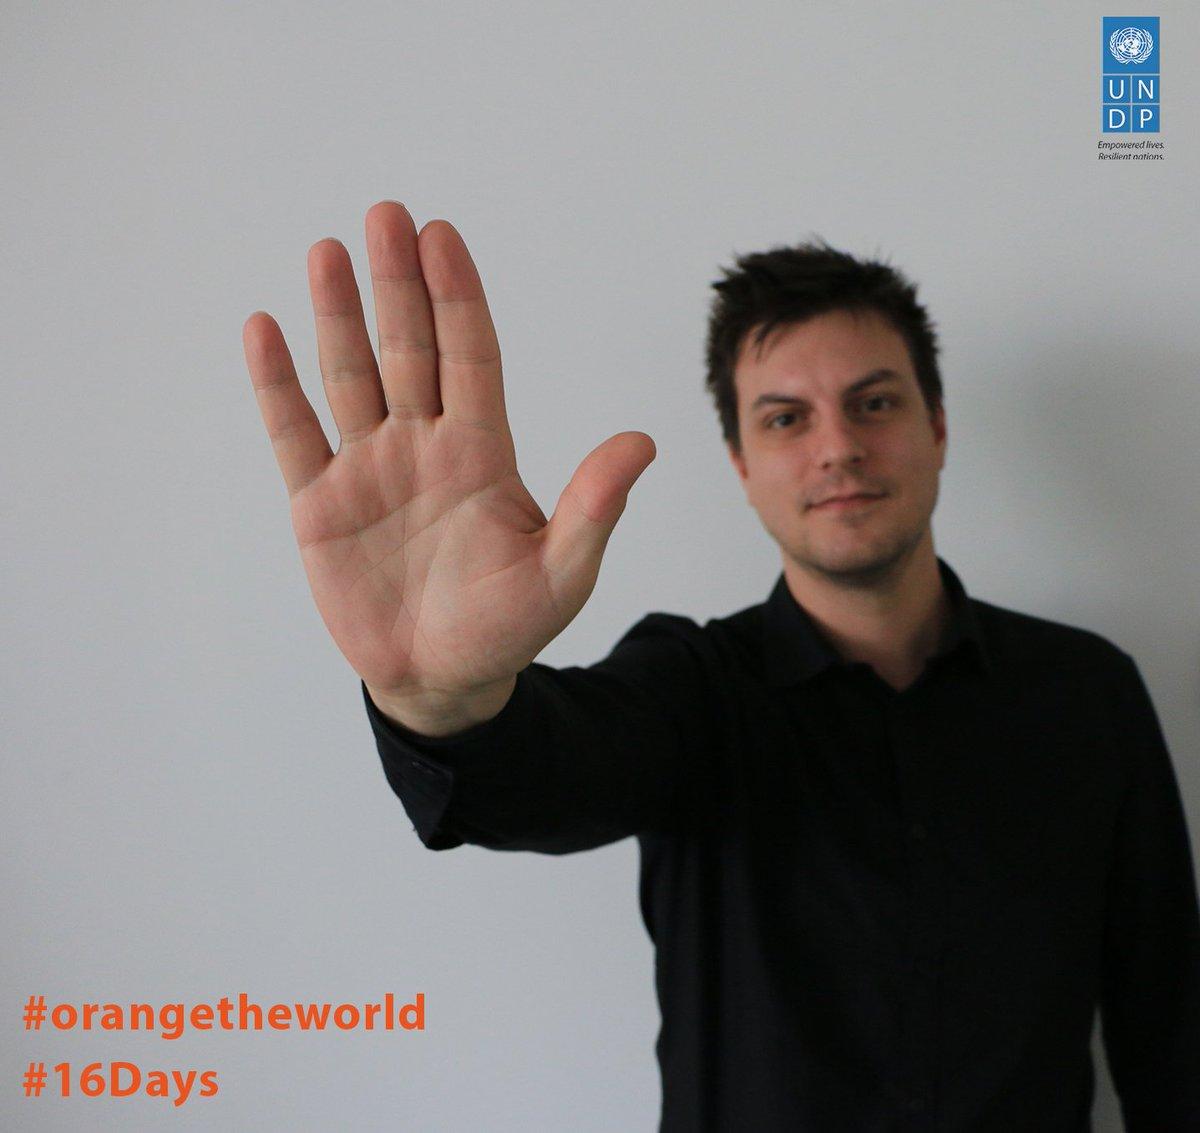 At @UNDP's #IstanbulHUB, we're united to end violence against women. Let's #orangetheworld! @SayNO_UNiTE https://t.co/xgOyHury7V